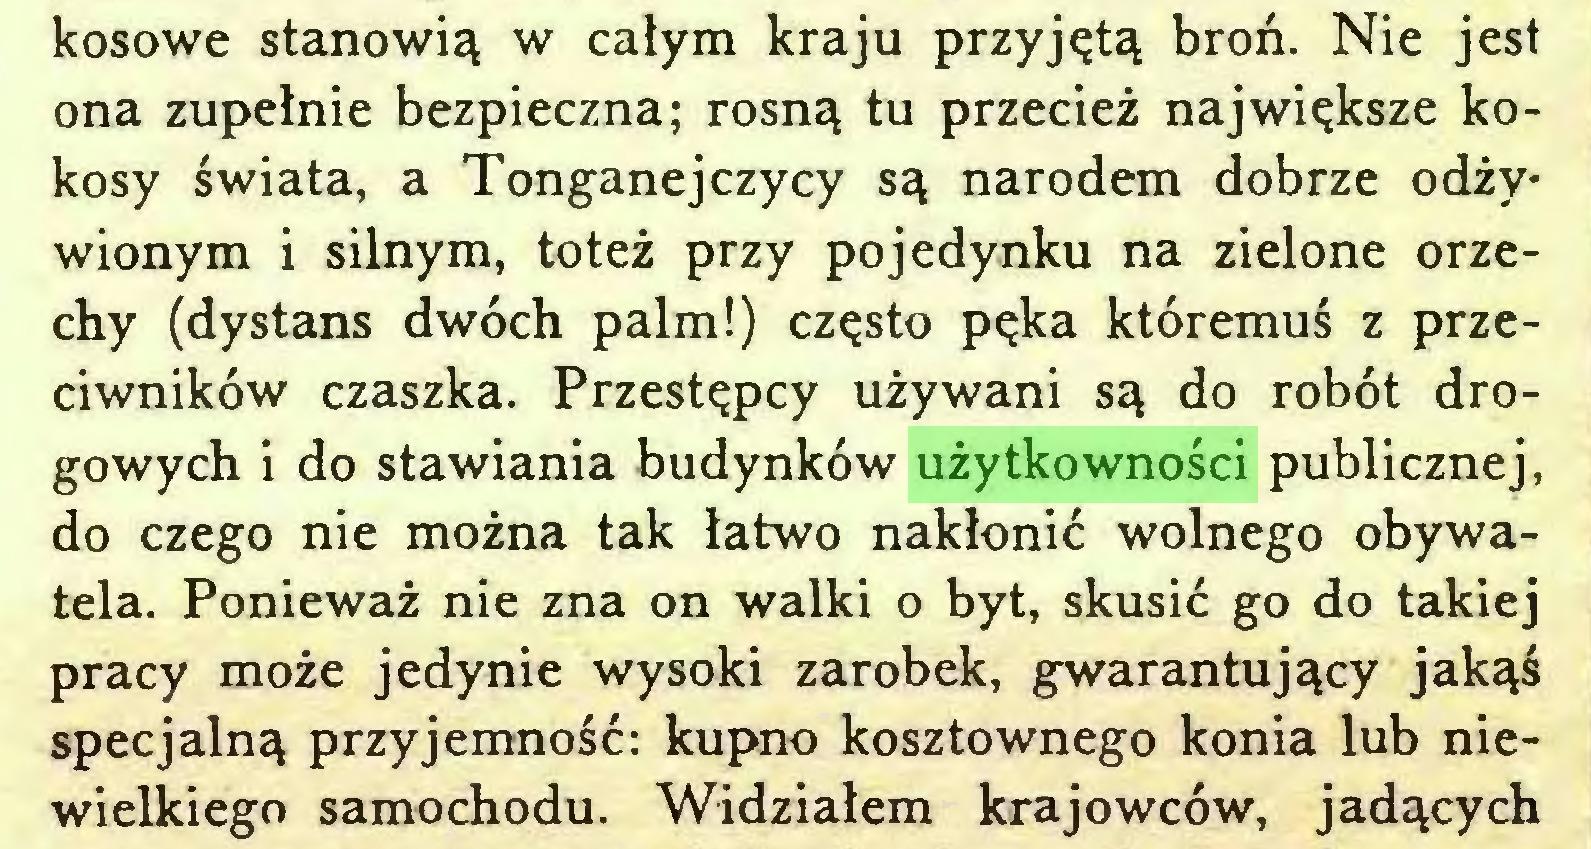 (...) kosowe stanowią w całym kraju przyjętą broń. Nie jest ona zupełnie bezpieczna; rosną tu przecież największe kokosy świata, a Tonganejczycy są narodem dobrze odżywionym i silnym, toteż przy pojedynku na zielone orzechy (dystans dwóch palm!) często pęka któremuś z przeciwników czaszka. Przestępcy używani są do robót drogowych i do stawiania budynków użytkowności publicznej, do czego nie można tak łatwo nakłonić wolnego obywatela. Ponieważ nie zna on walki o byt, skusić go do takiej pracy może jedynie wysoki zarobek, gwarantujący jakąś specjalną przyjemność: kupno kosztownego konia lub niewielkiego samochodu. Widziałem krajowców, jadących...